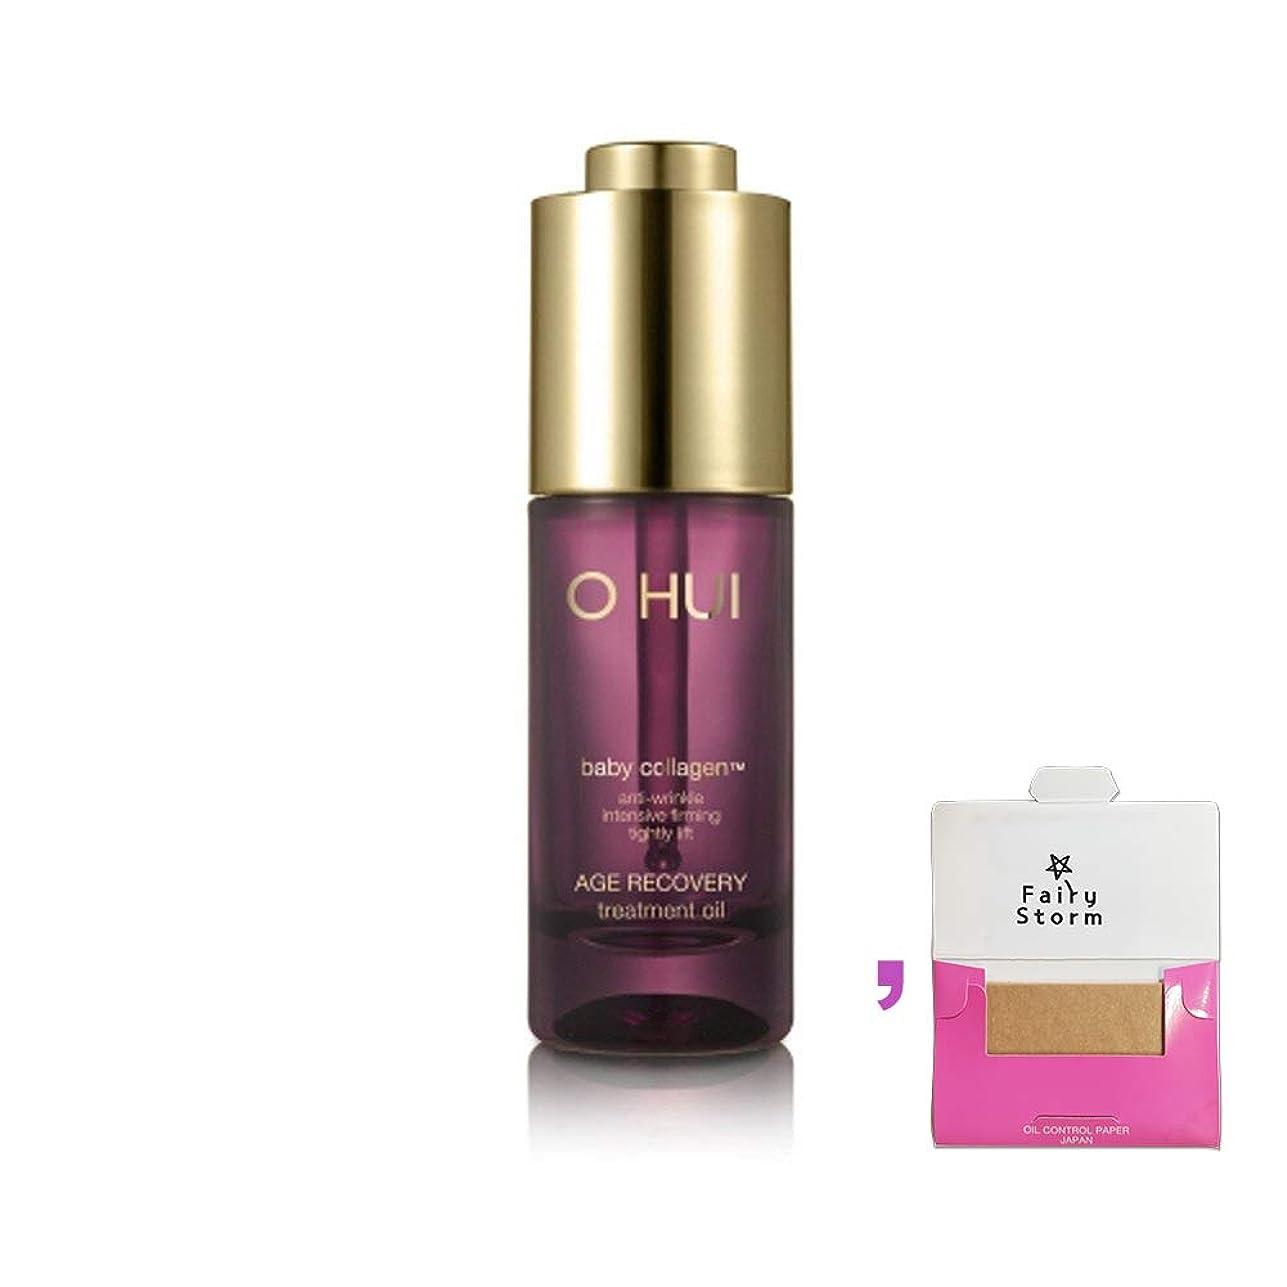 建築急いで安心[オフィ/ O HUI]韓国化粧品 LG生活健康/オフィ エイジ リカバリー トリートメント オイル/O HUI AGE RECOVERY TREATMENT OIL 30ml+ [Sample Gift](海外直送品)